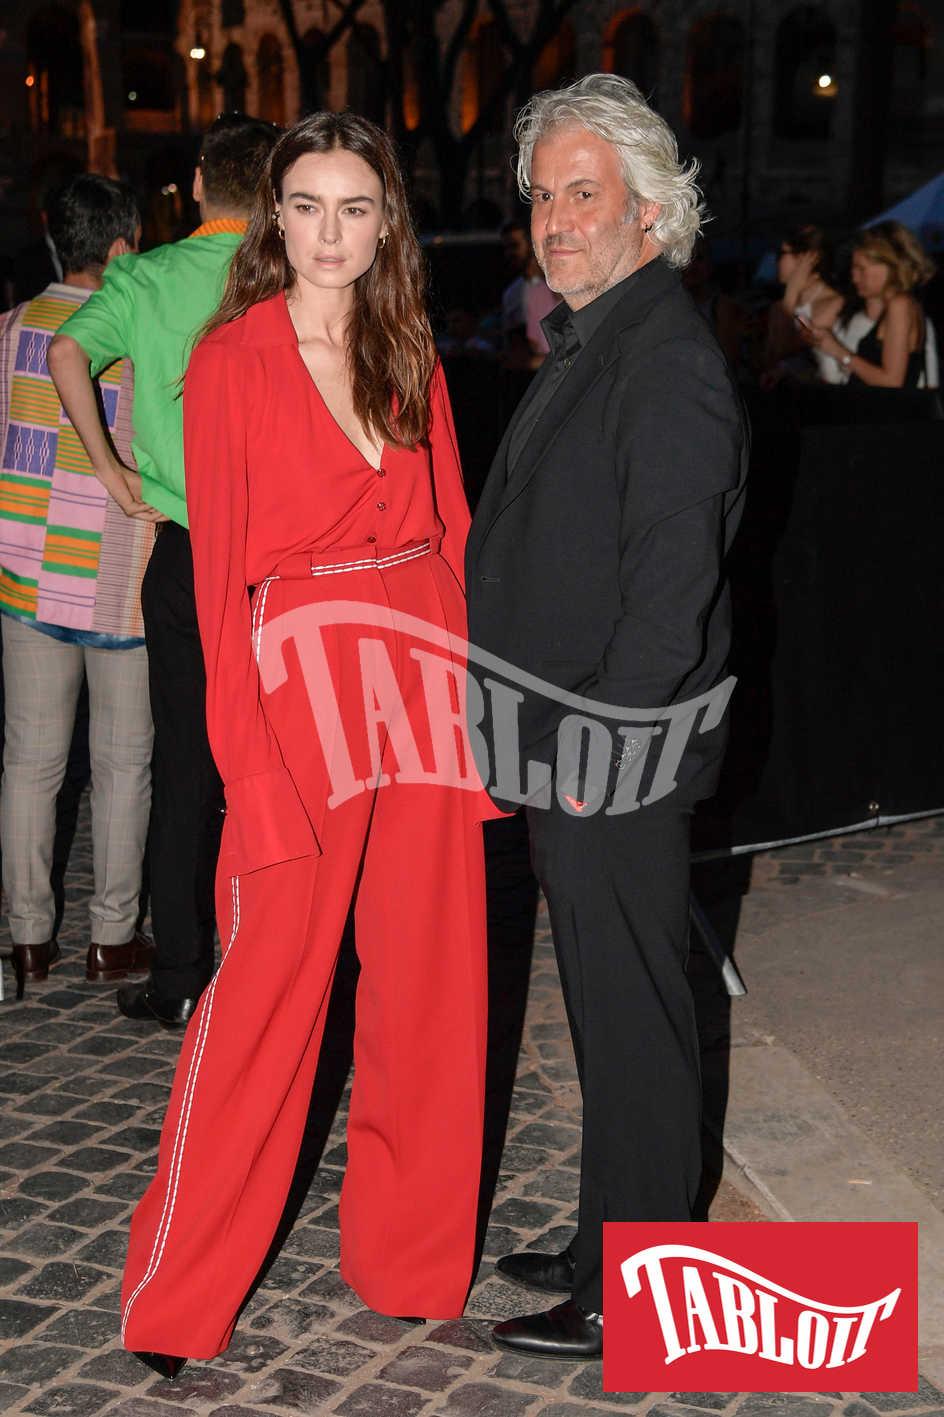 Kasia Smutniak e Domenico Procacci alla sfilata di Fendi 2019 a Roma